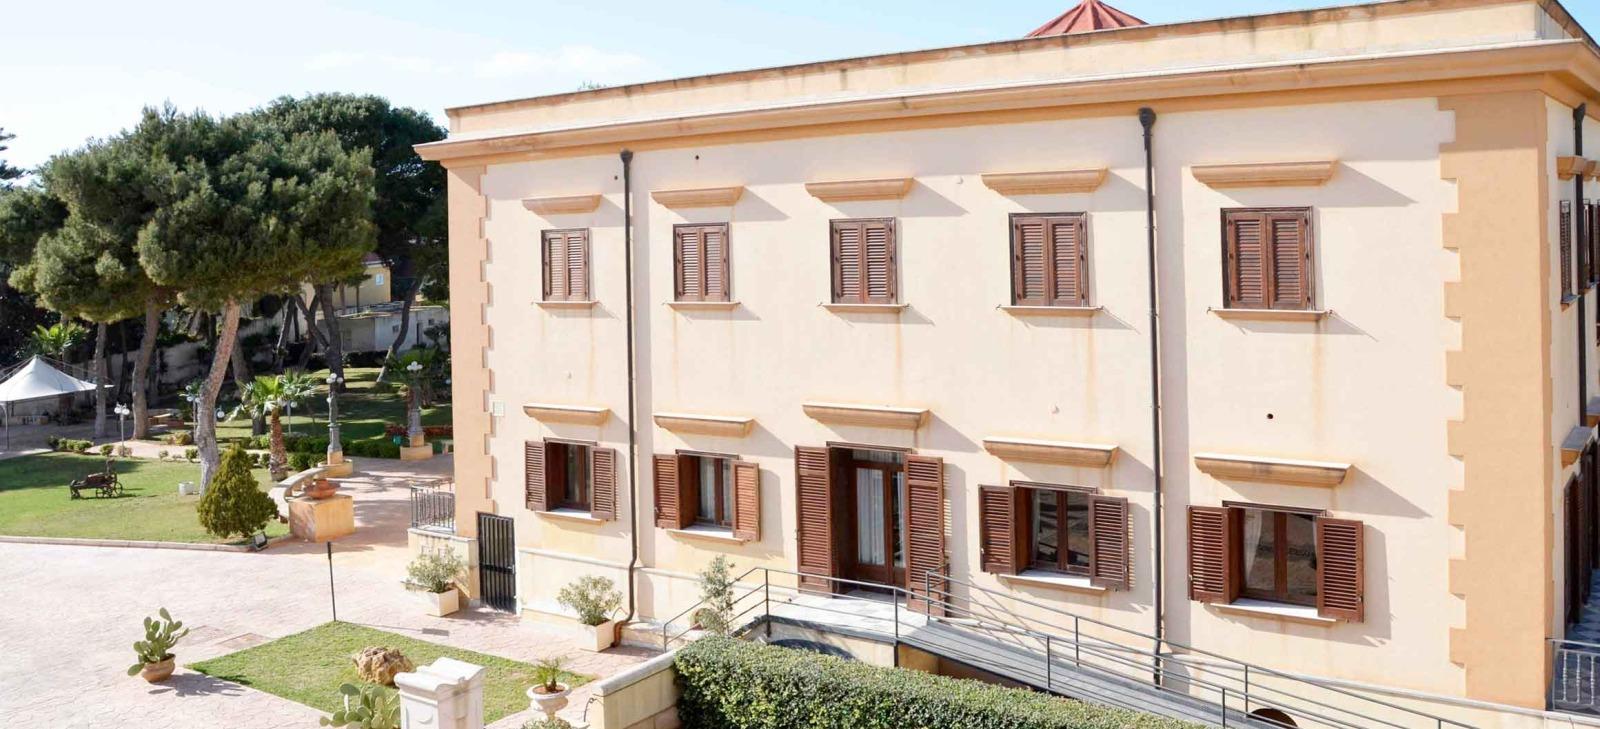 Marsala Grand Hotel Palace Italy